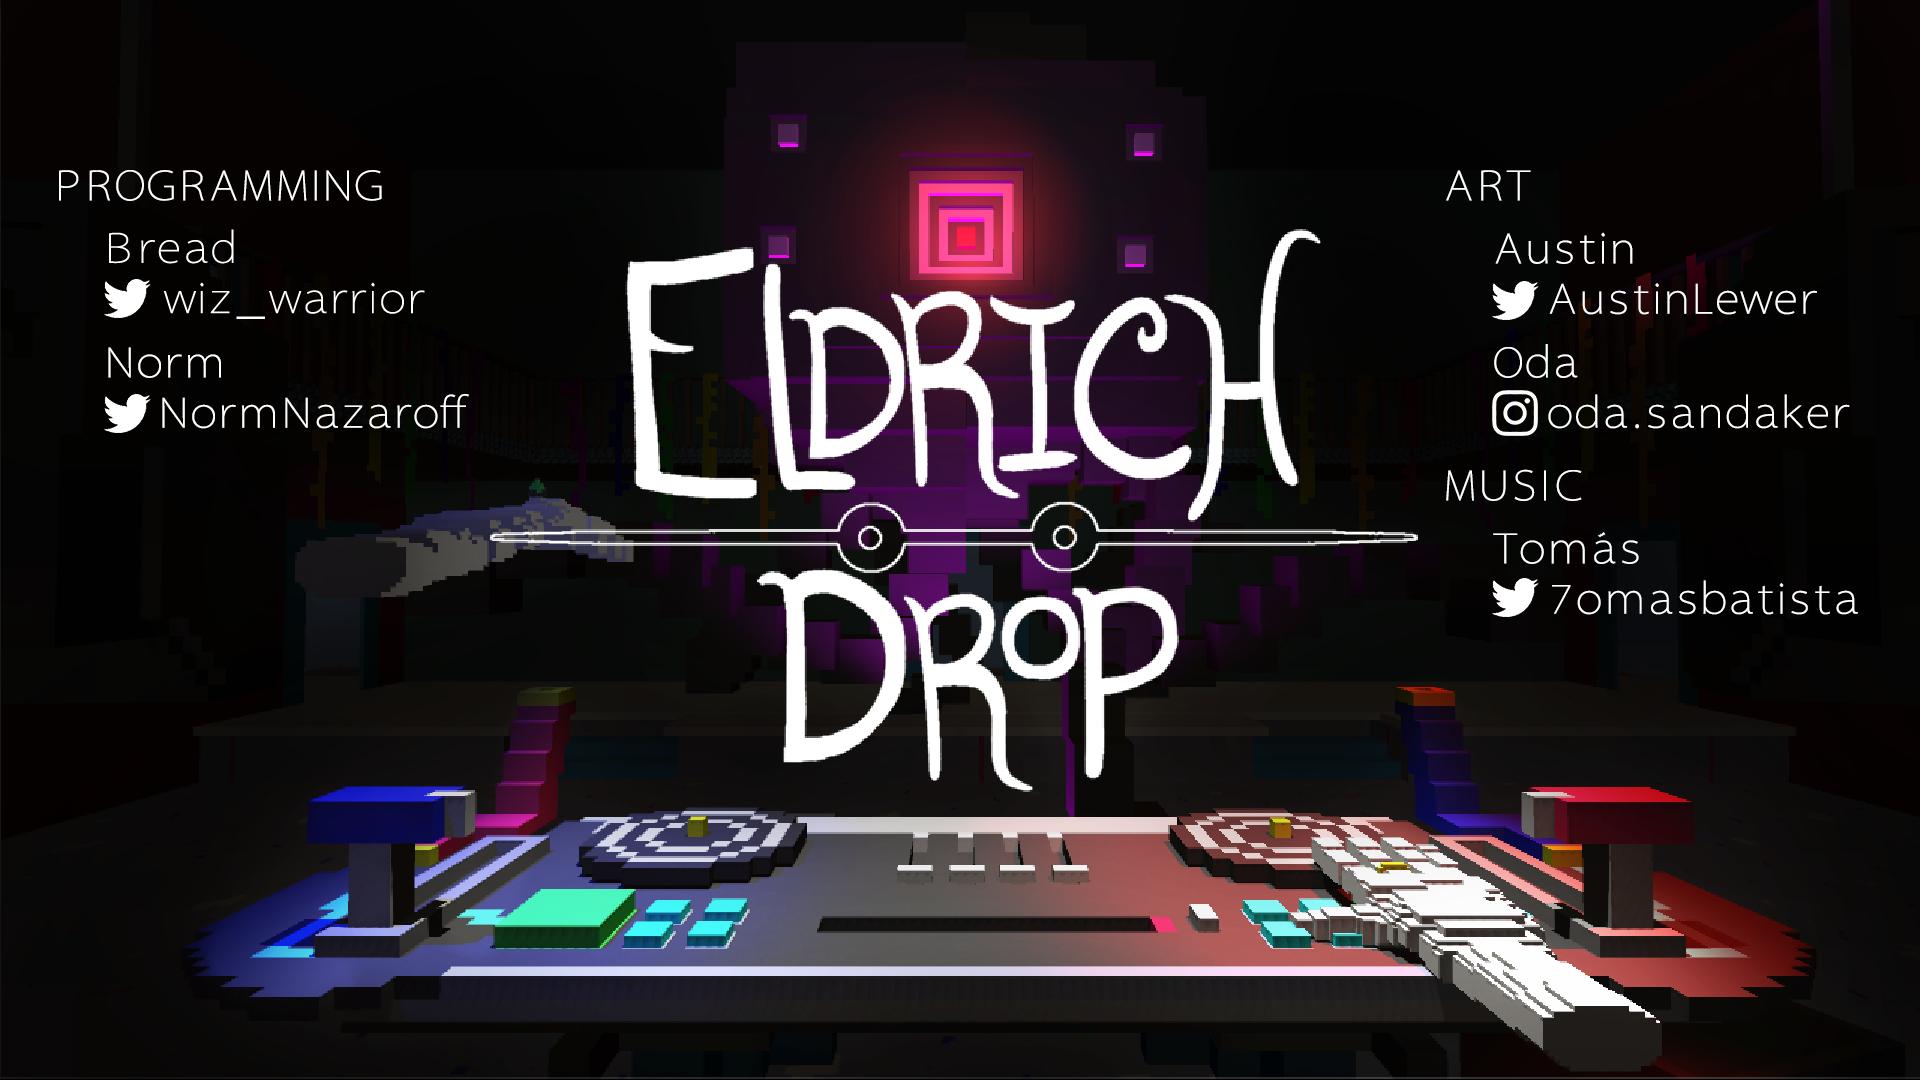 Eldrich Drop